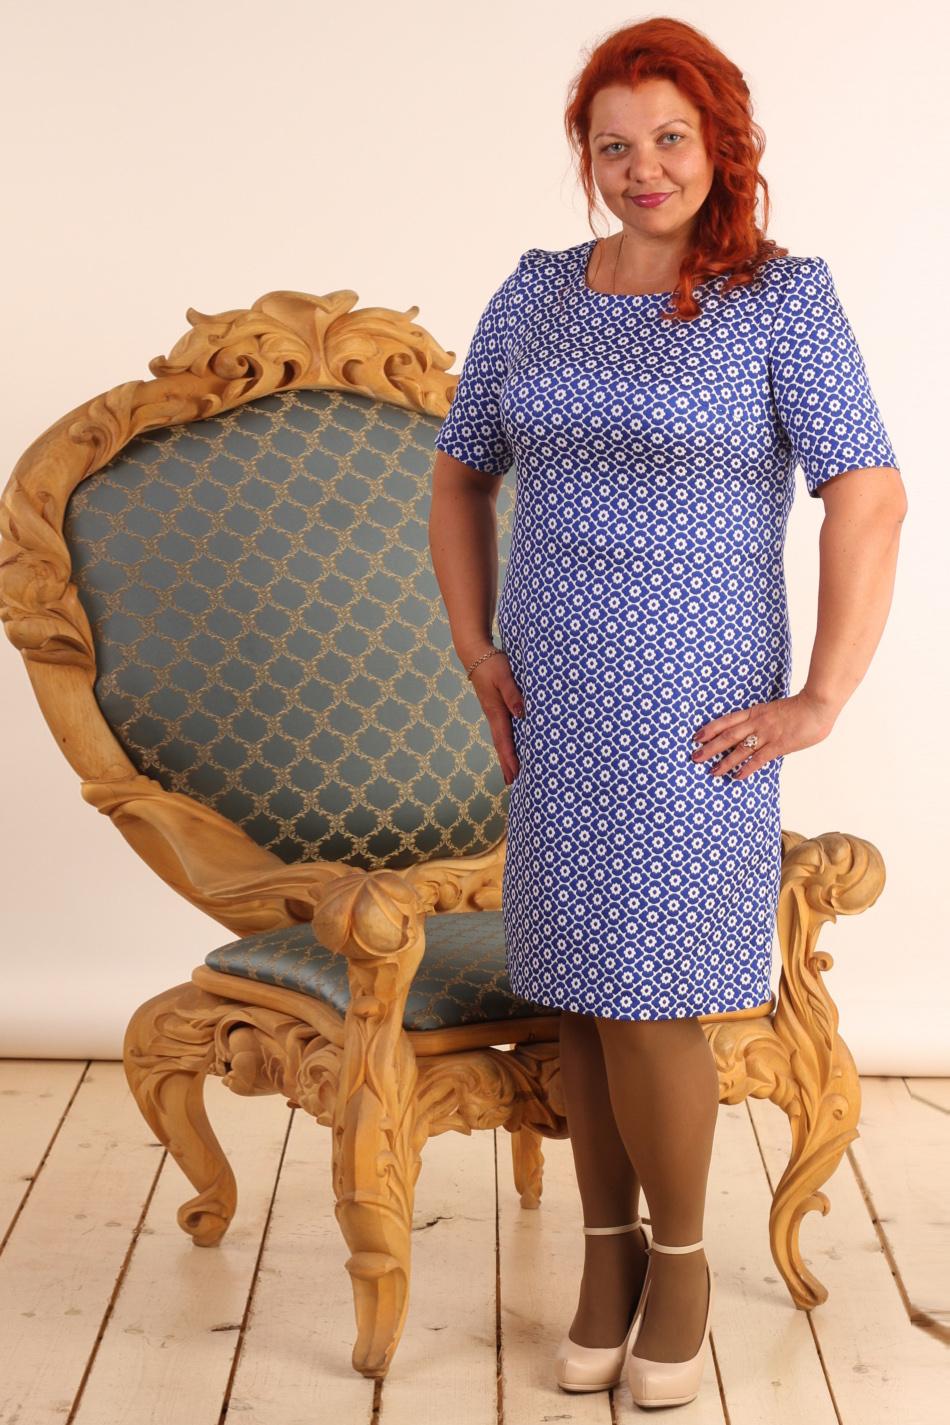 ПлатьеПлатья<br>Милое платье с круглой горловиной и рукавами 3/4. Модель выполнена из фактурного материала. Отличный выбор для любого случая.  В изделии использованы цвета: синий, белый  Длина изделия: 46 размер - 89 см 48 размер - 90 см 50 размер - 91 см 52 размер - 92 см 54 размер - 93 см 56 размер - 94 см  Рост девушки-фотомодели 165 см.<br><br>Горловина: С- горловина<br>По длине: Ниже колена<br>По материалу: Жаккард<br>По рисунку: С принтом,Фактурный рисунок,Цветные<br>По сезону: Всесезон,Зима,Лето,Осень,Весна<br>По силуэту: Полуприталенные<br>По стилю: Повседневный стиль<br>По элементам: С пуговицами<br>Рукав: До локтя,Короткий рукав<br>Размер : 46,48,52,56<br>Материал: Жаккард<br>Количество в наличии: 4